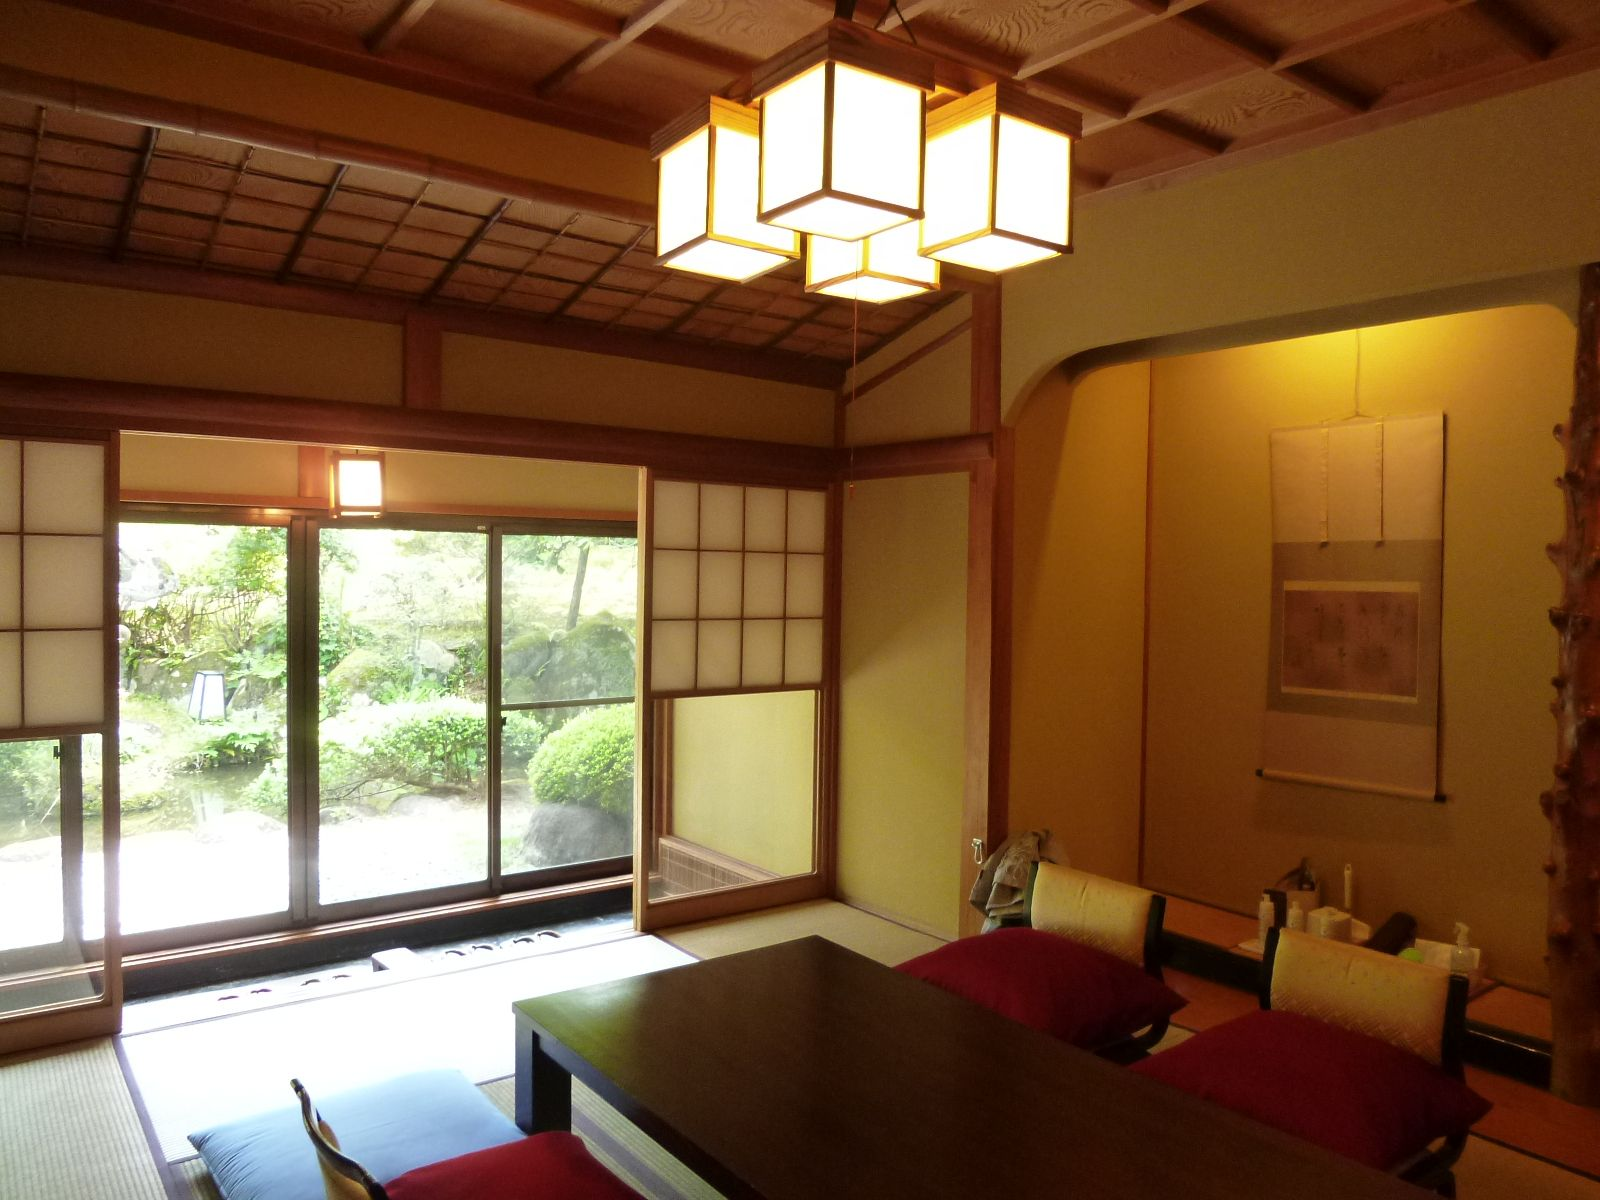 """Camera di """"Kizuna"""" (Hotel), Shuzenji-Onsen (Terme) Shizuoka Japan (Giugno)"""